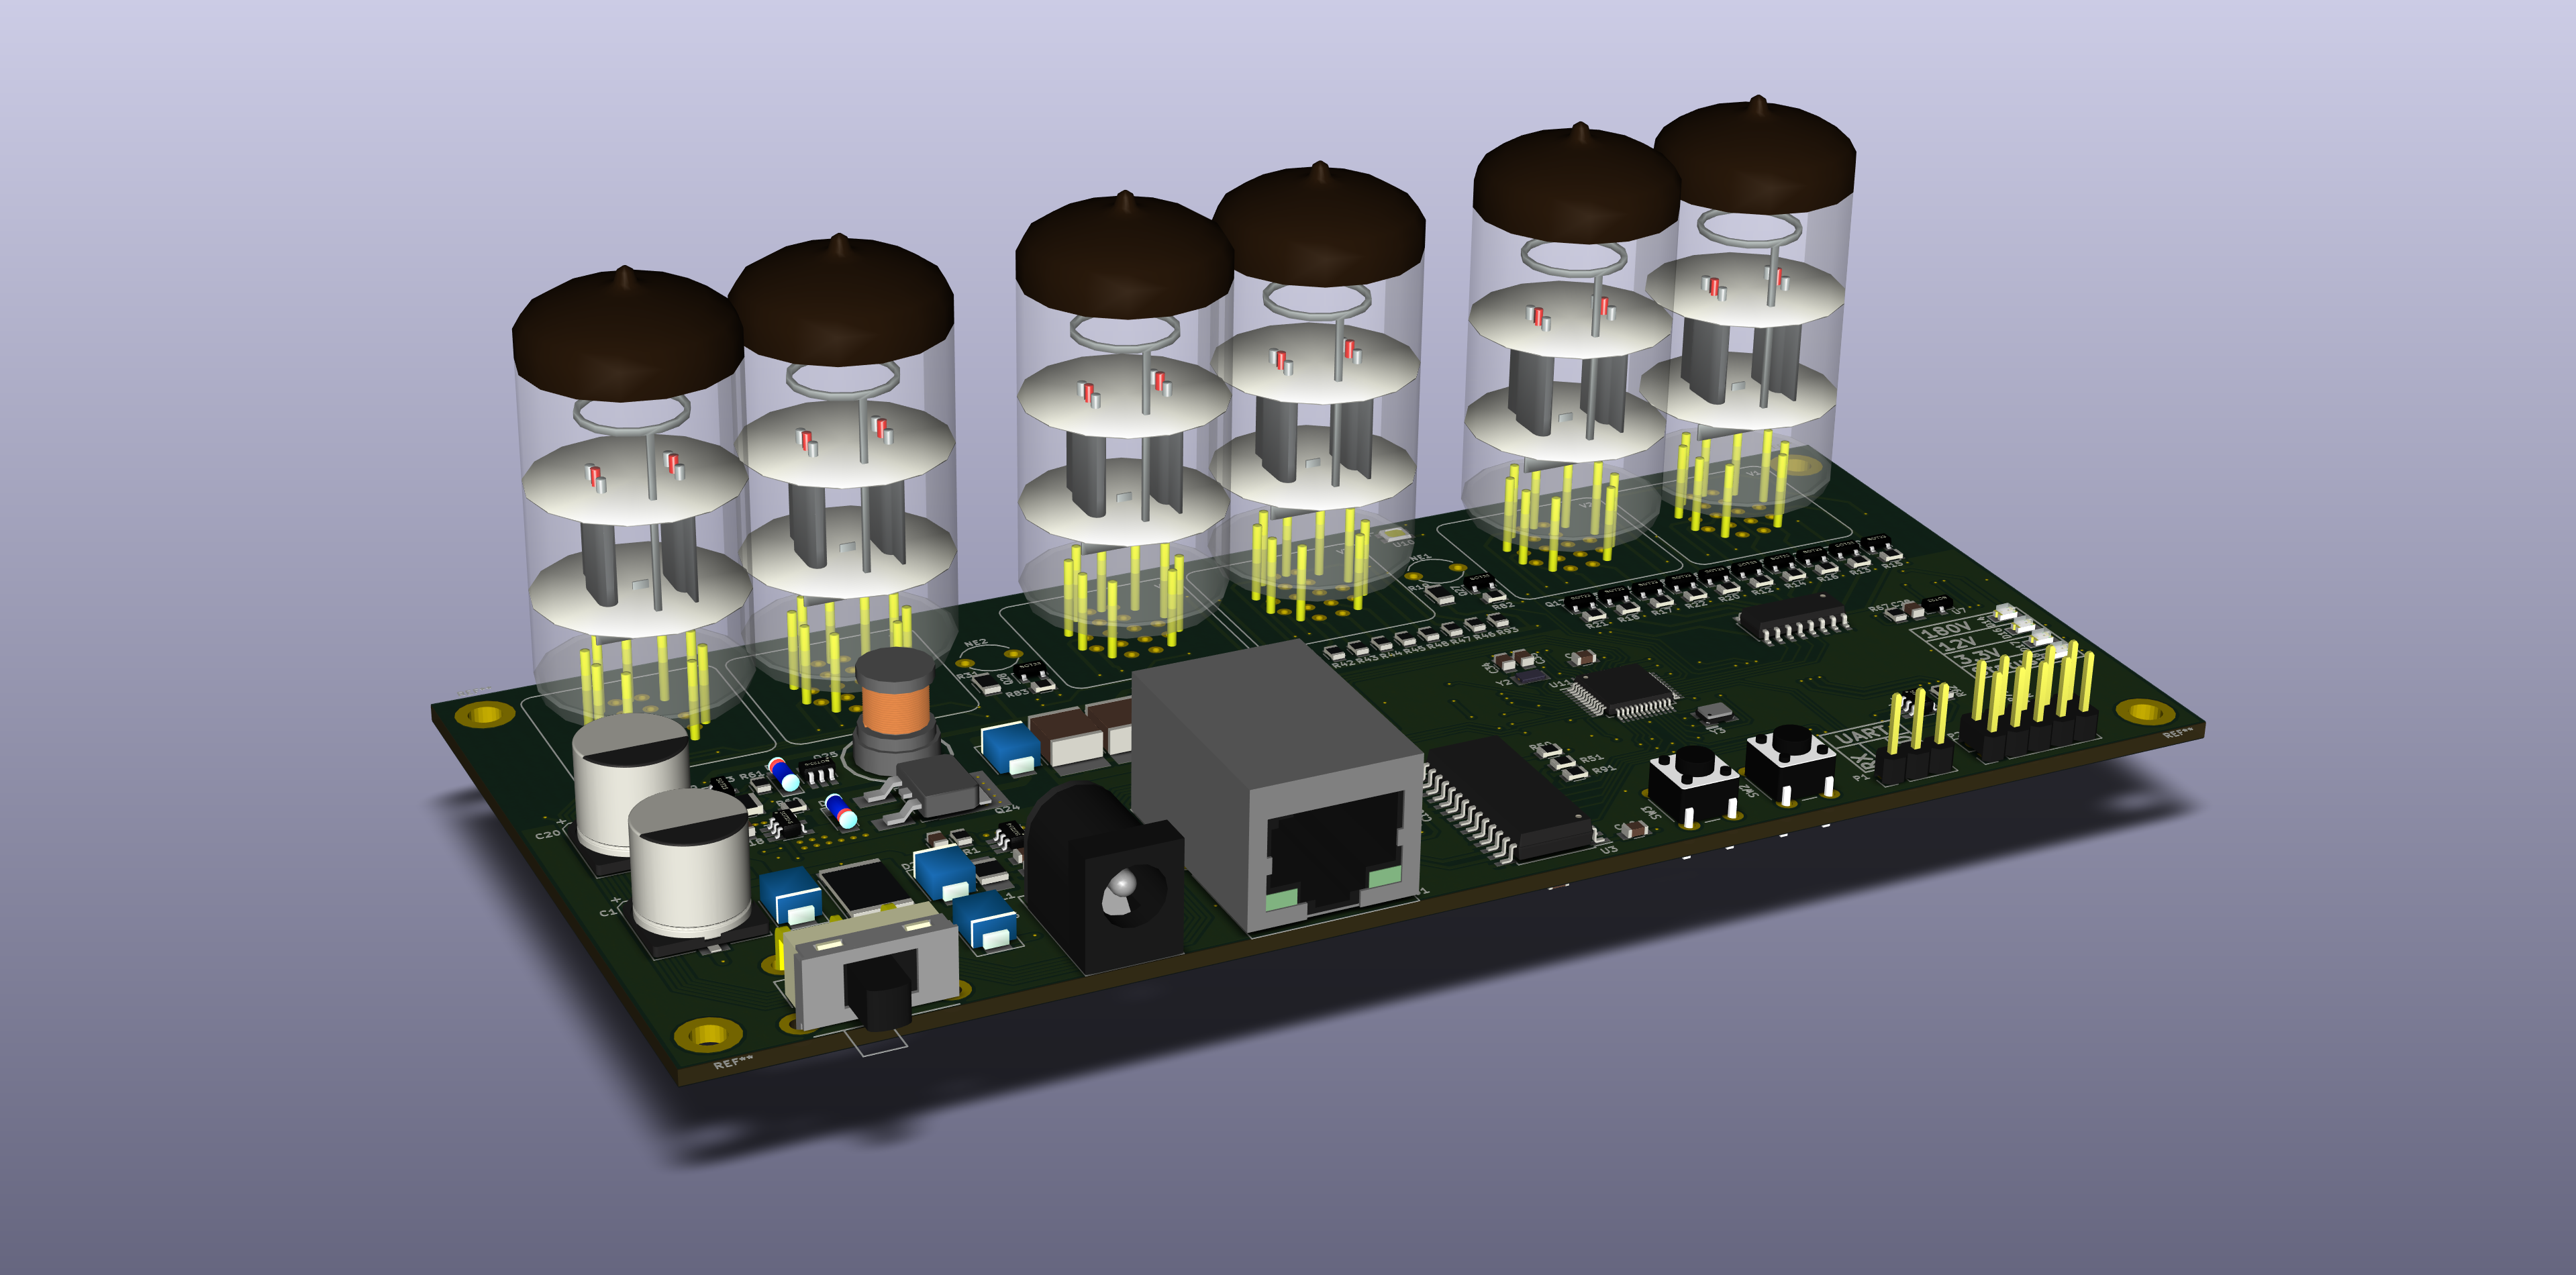 HW/3D/ZCU-nixie-clock_UP_3D_2.png